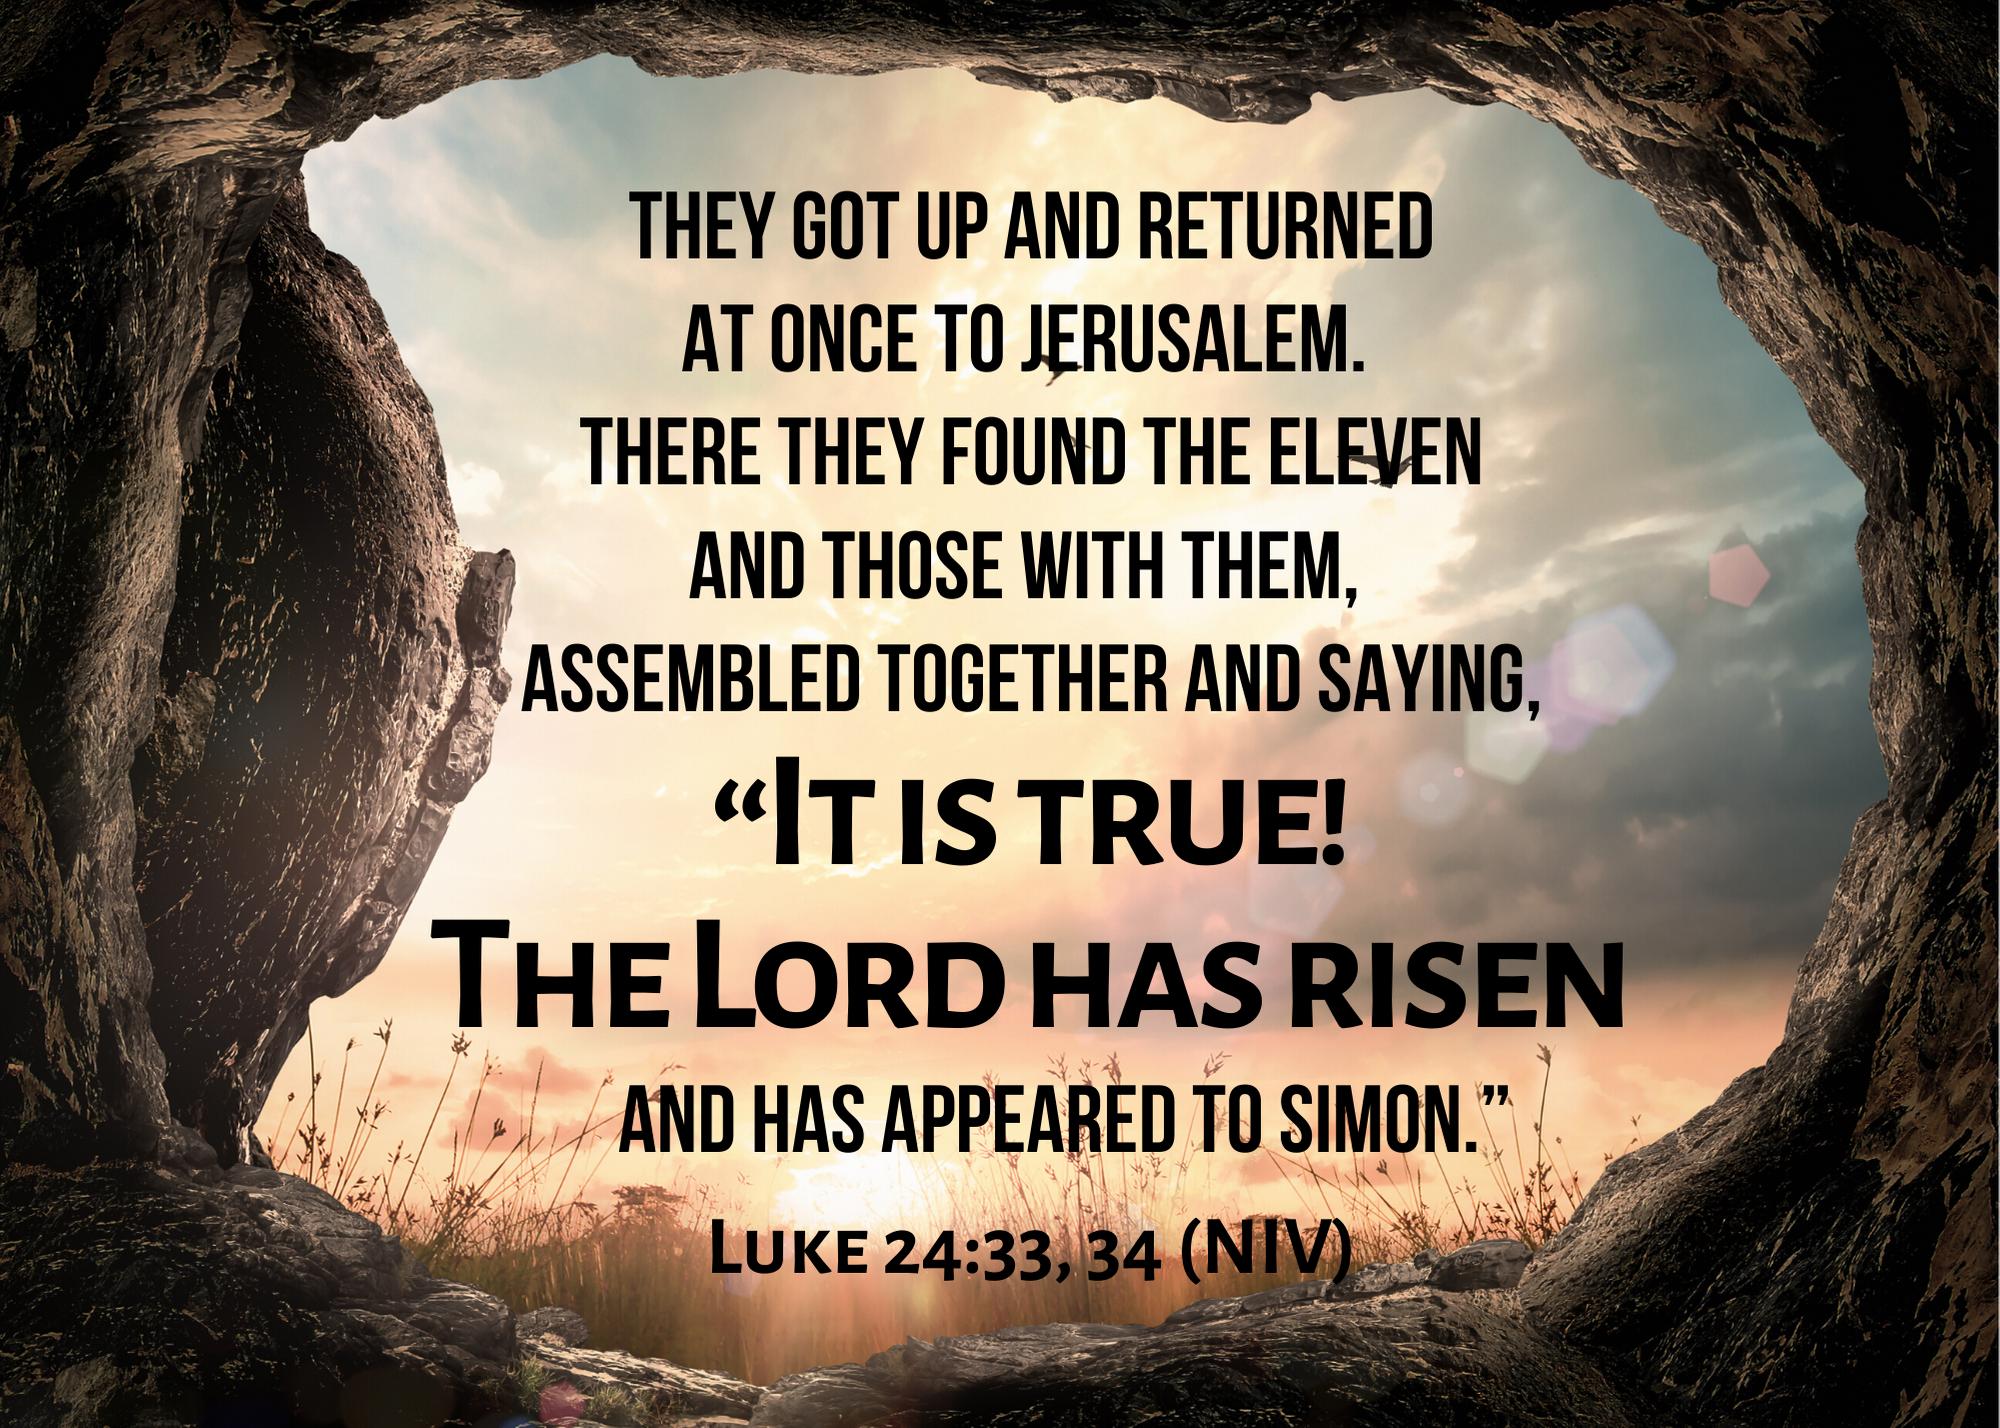 Luke 24 33 34 NIV